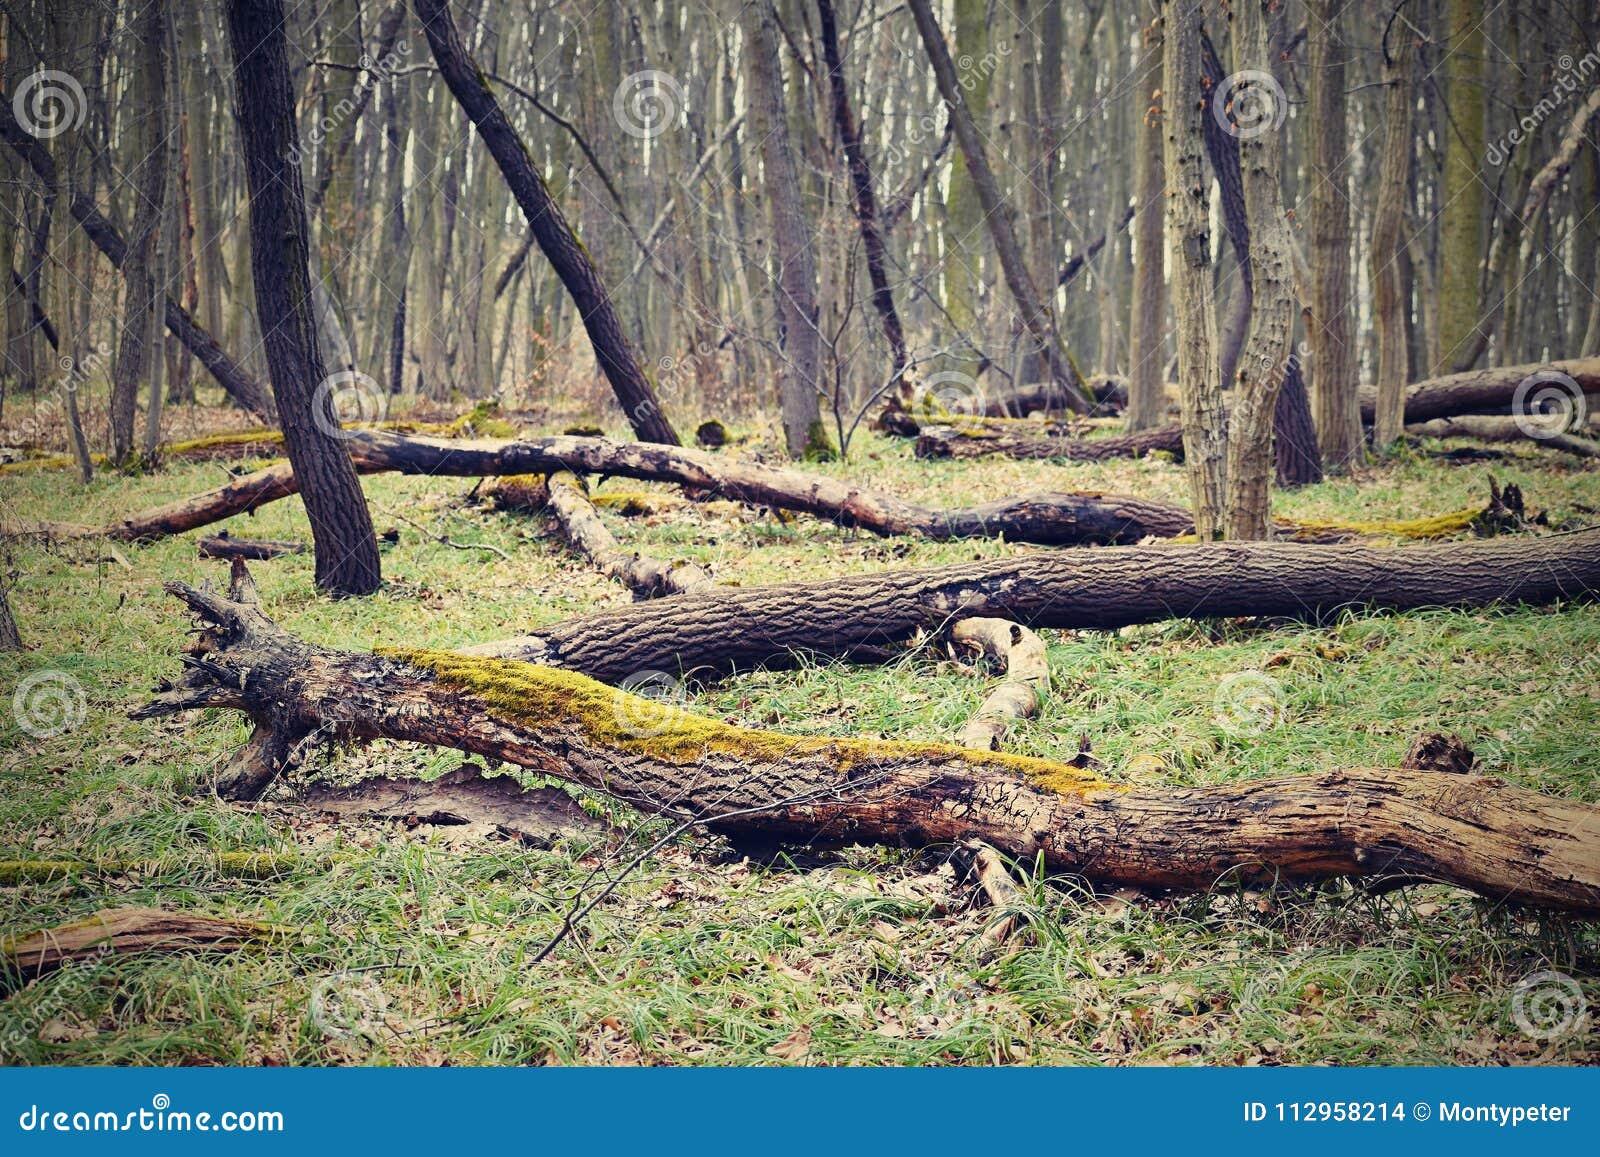 Gefallene Bäume im Waldnatürlichen bunten Hintergrund